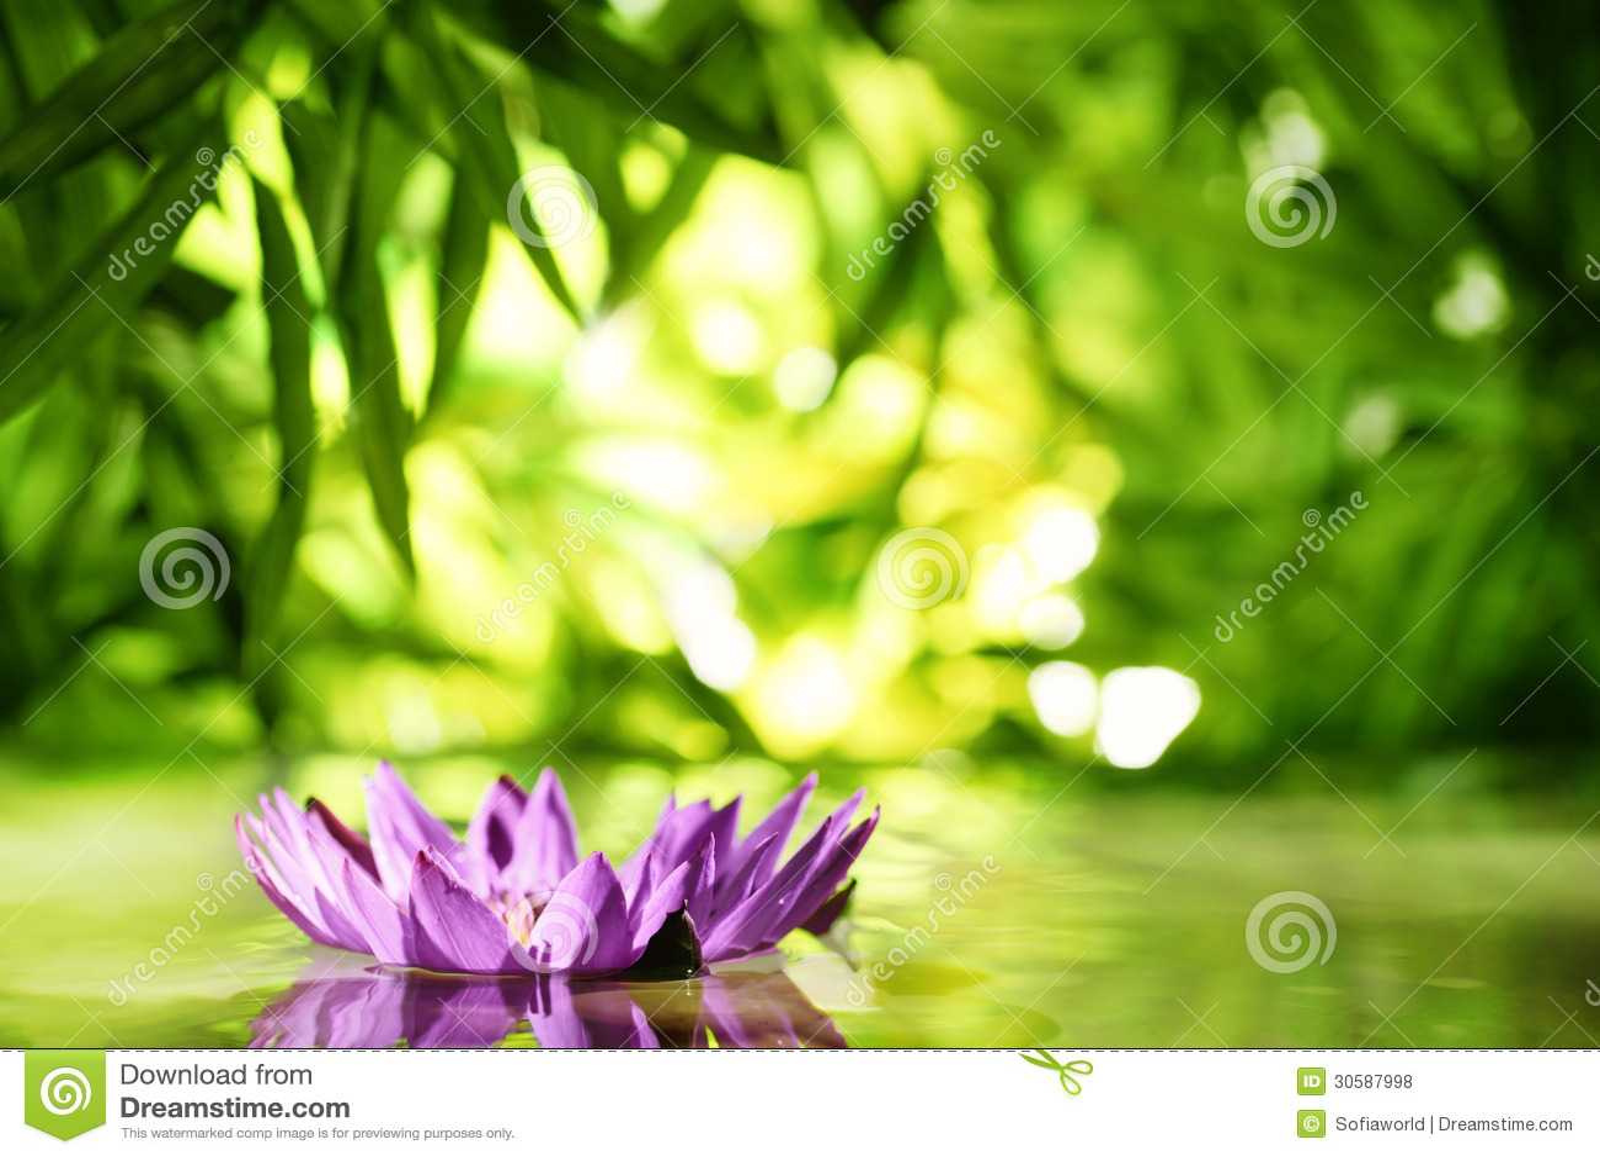 Fleur de lotus flottant sur l 39 eau photo stock image du alba bambou 30587998 - Image fleur de lotus ...